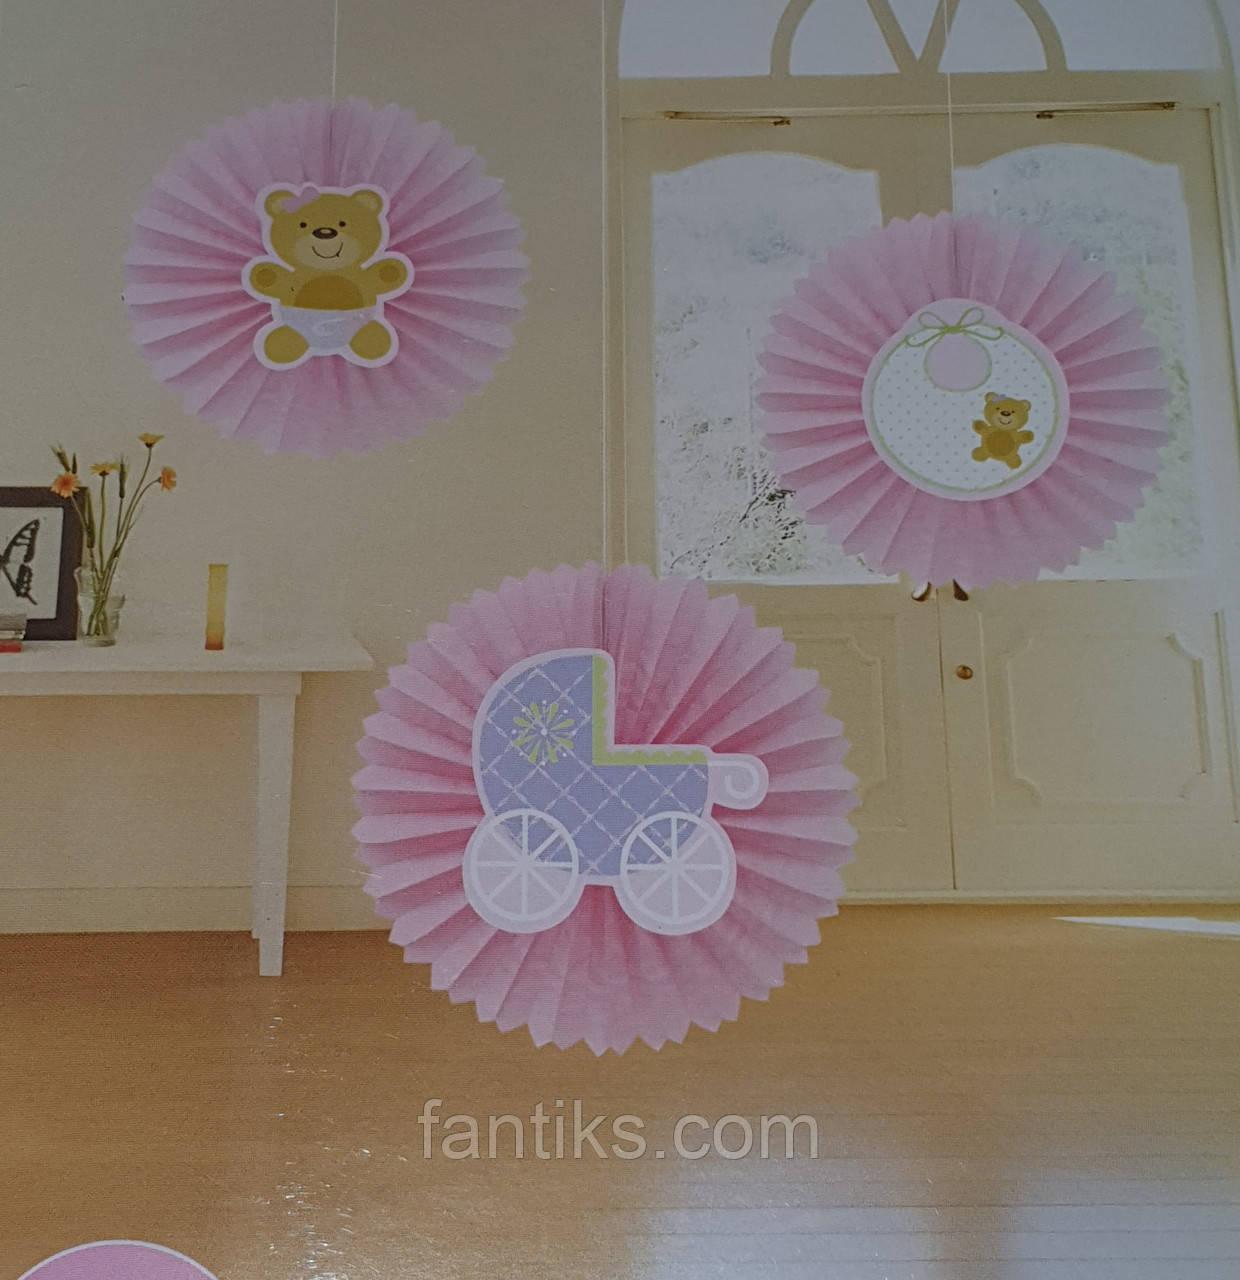 Набор для украшения детской комнаты новорожденной девочки в день выписки из роддома (веер круглый)